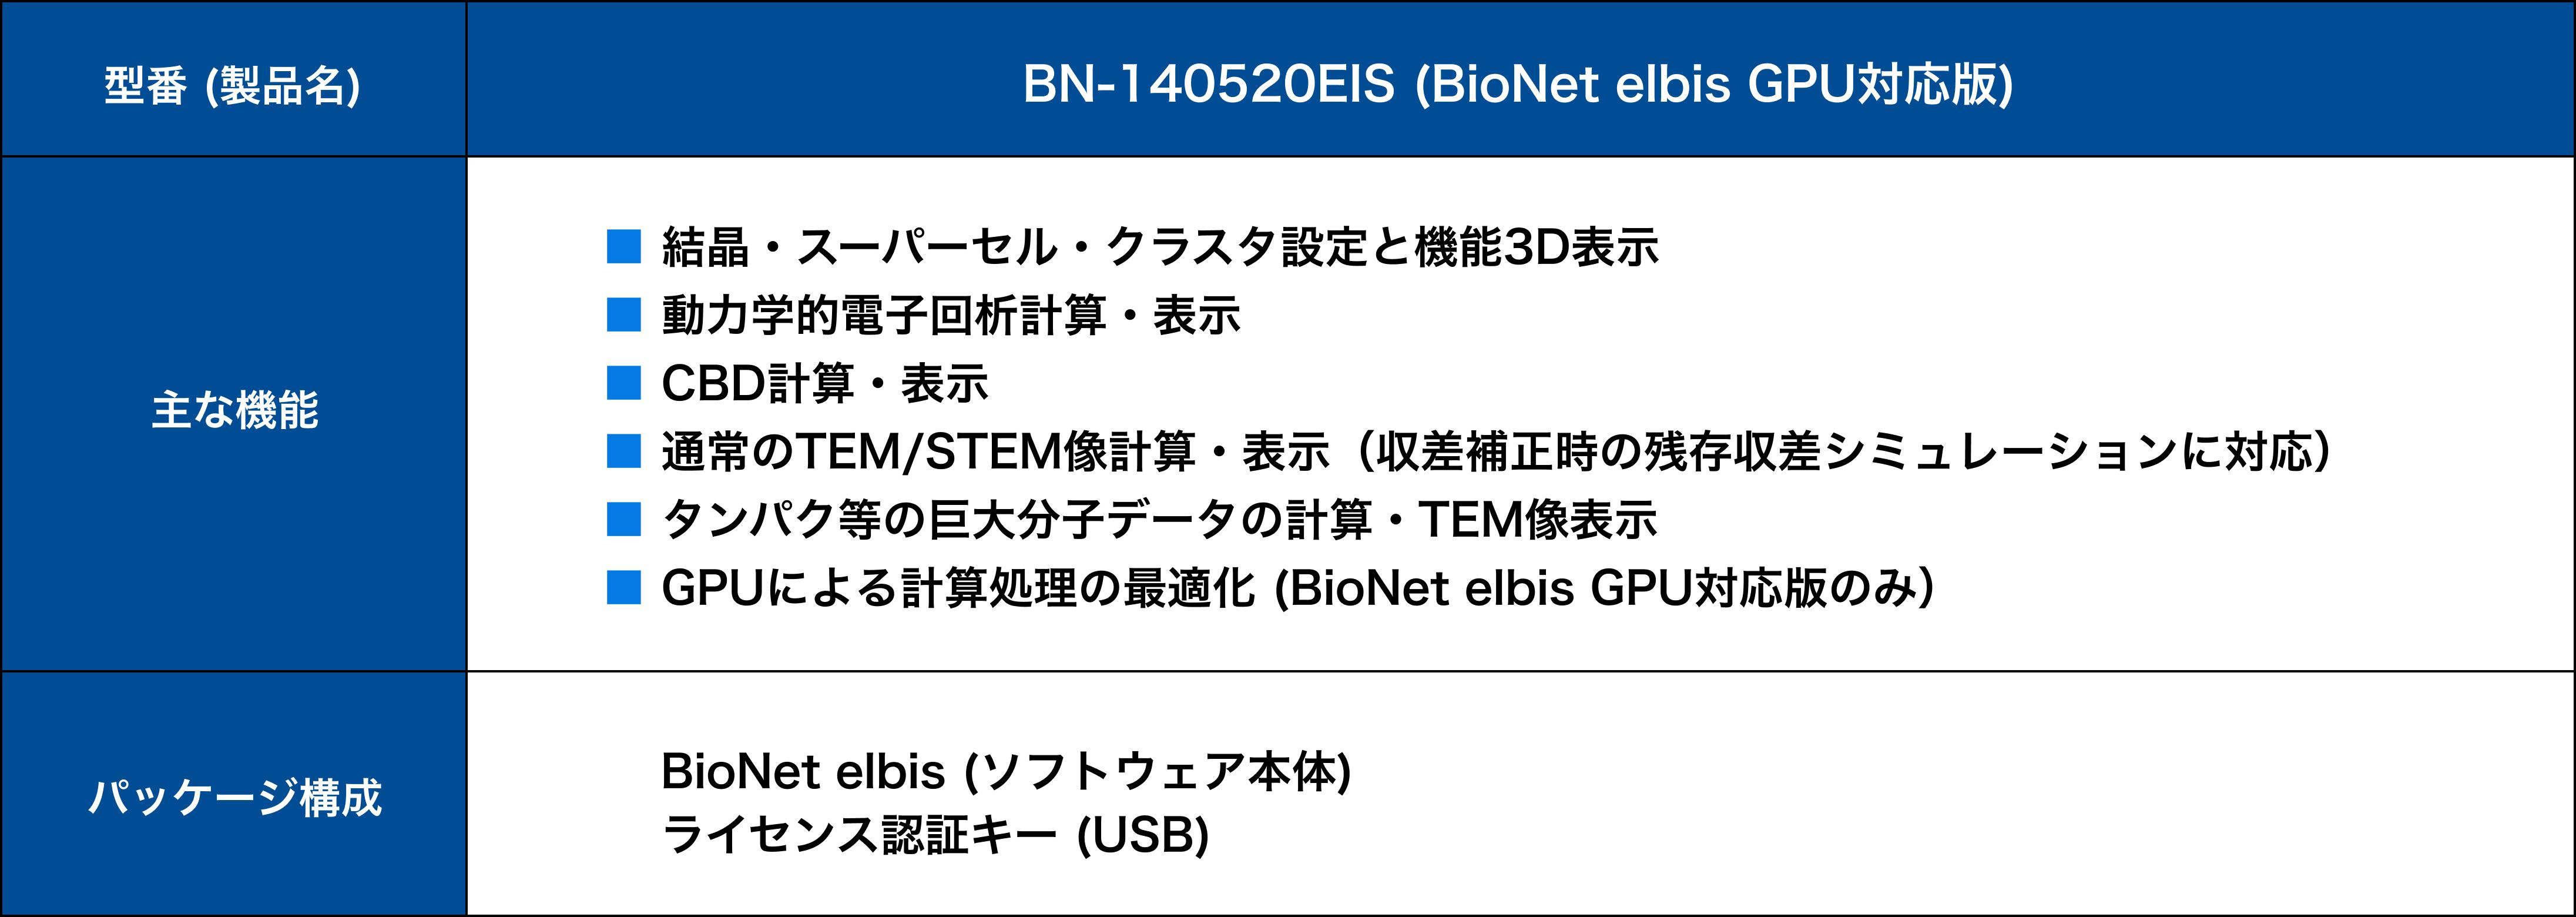 BioNet elbis 主な機能とパッケージ構成